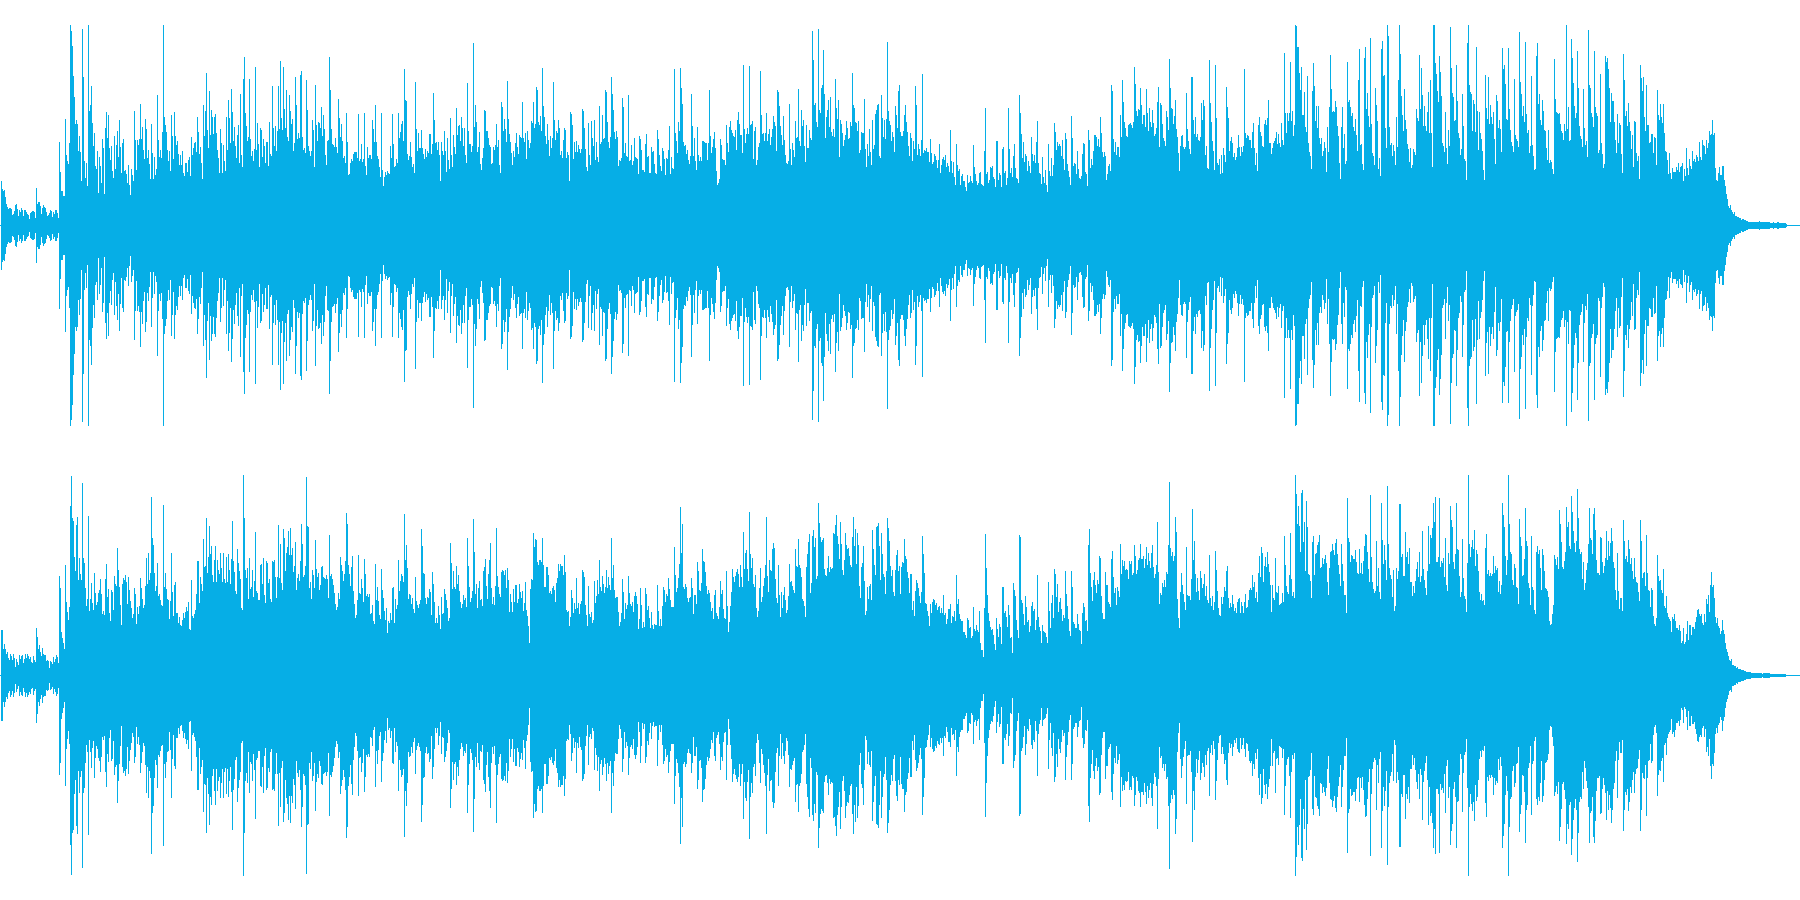 お琴と弦楽器が主役の少し悲しげな曲の再生済みの波形